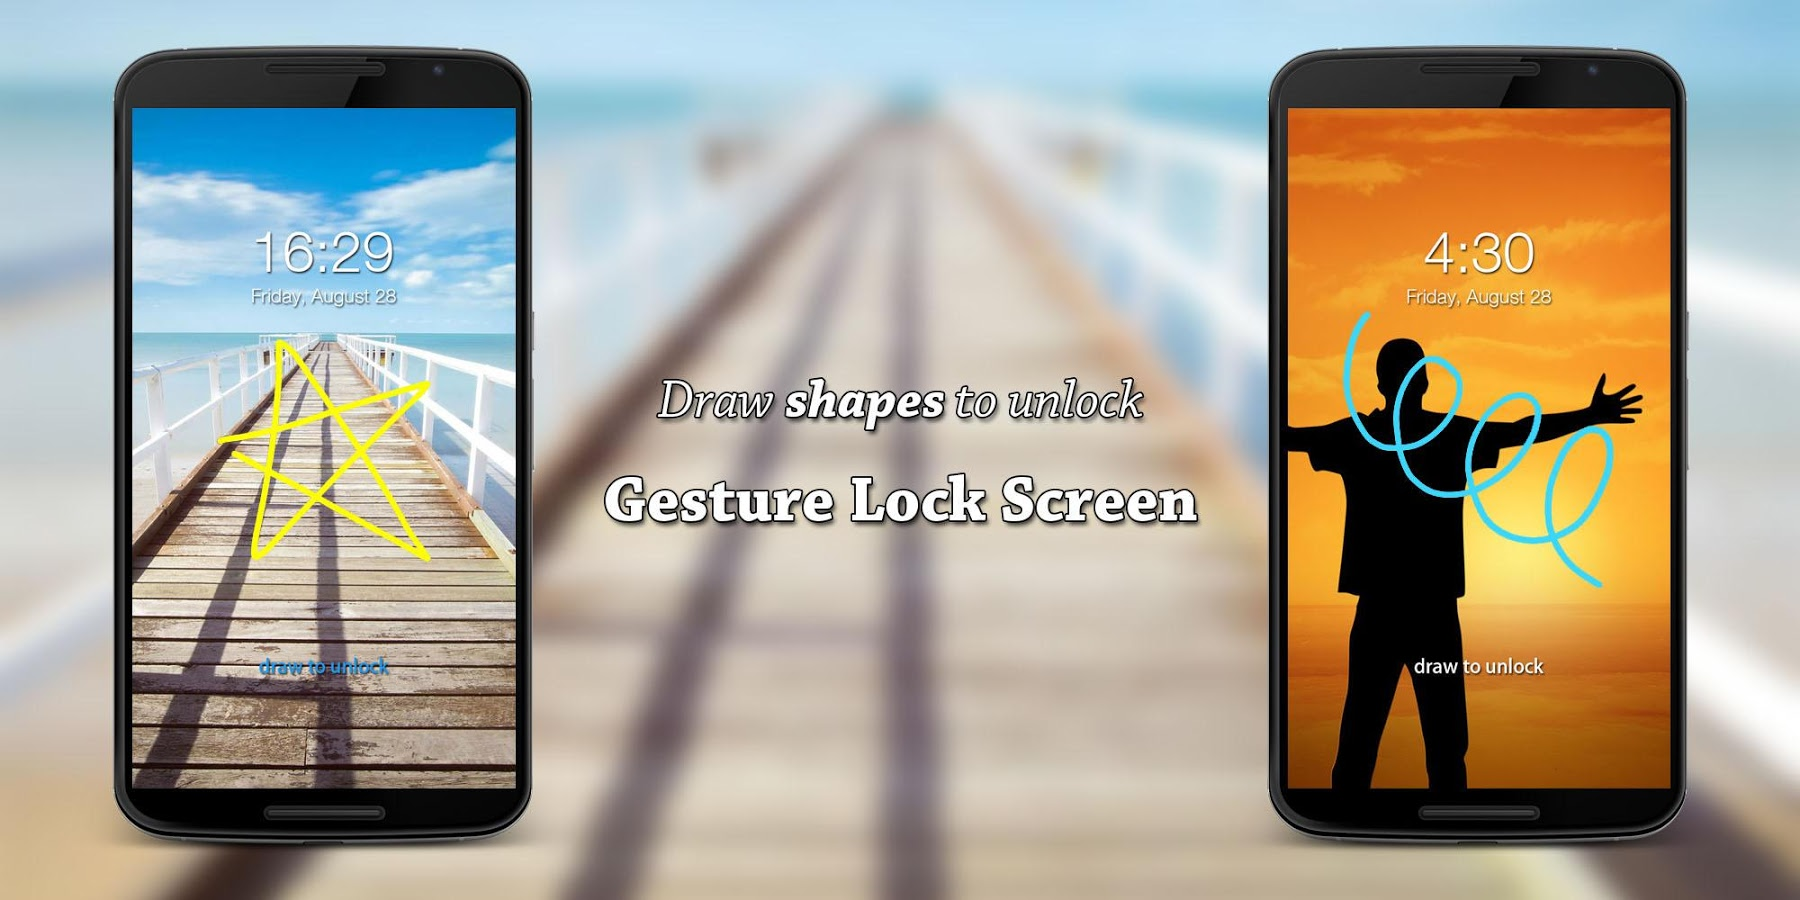 Gesture Lock Screen